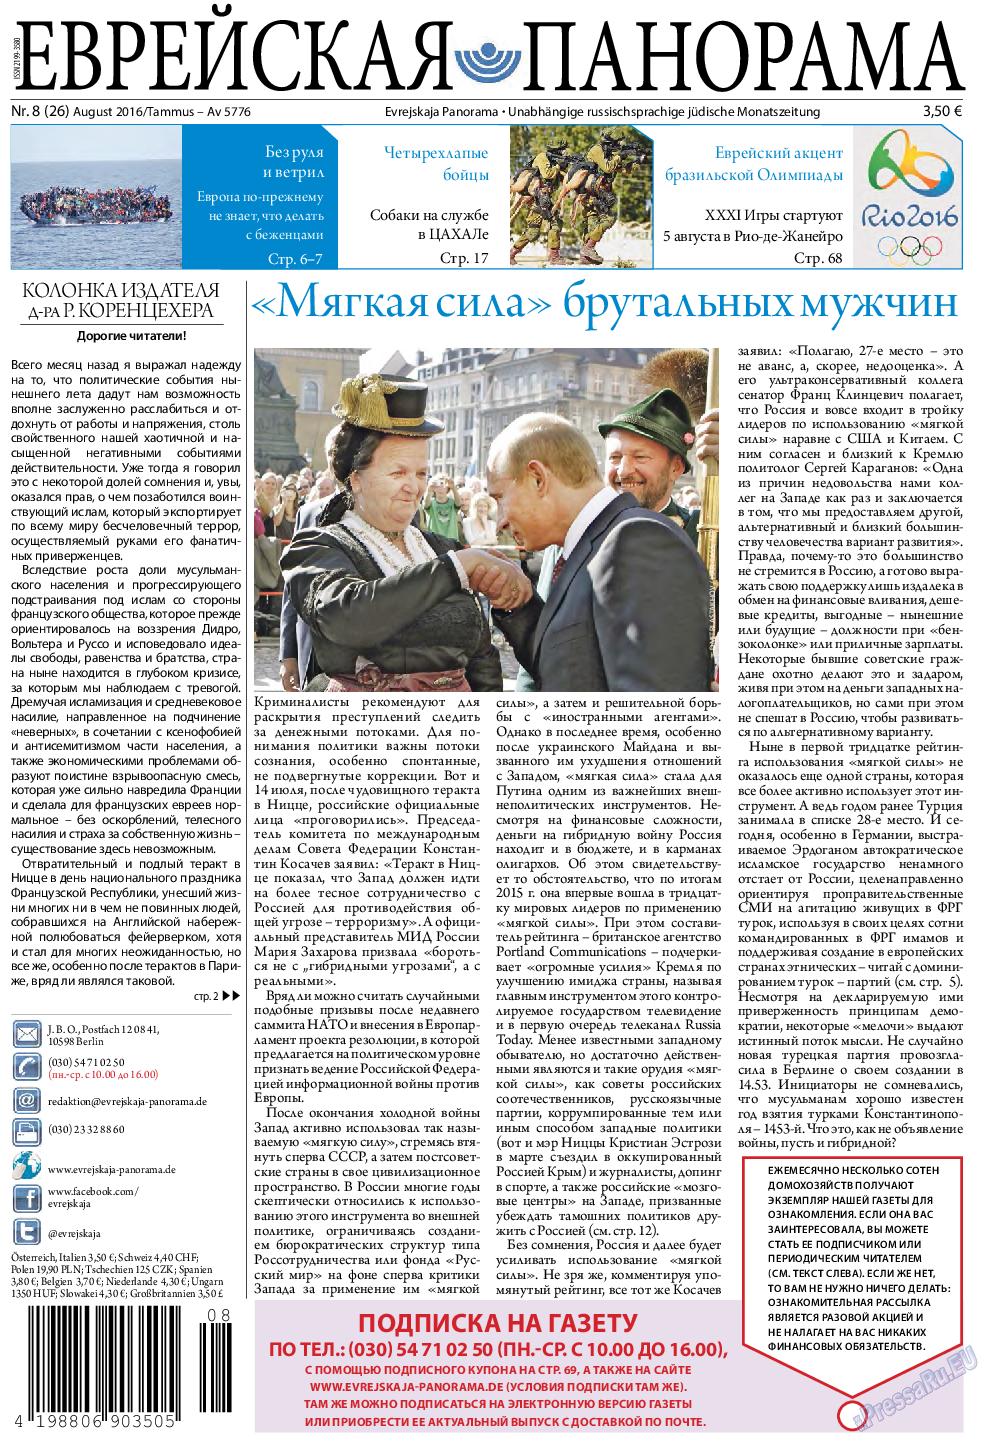 Еврейская панорама (газета). 2016 год, номер 8, стр. 1